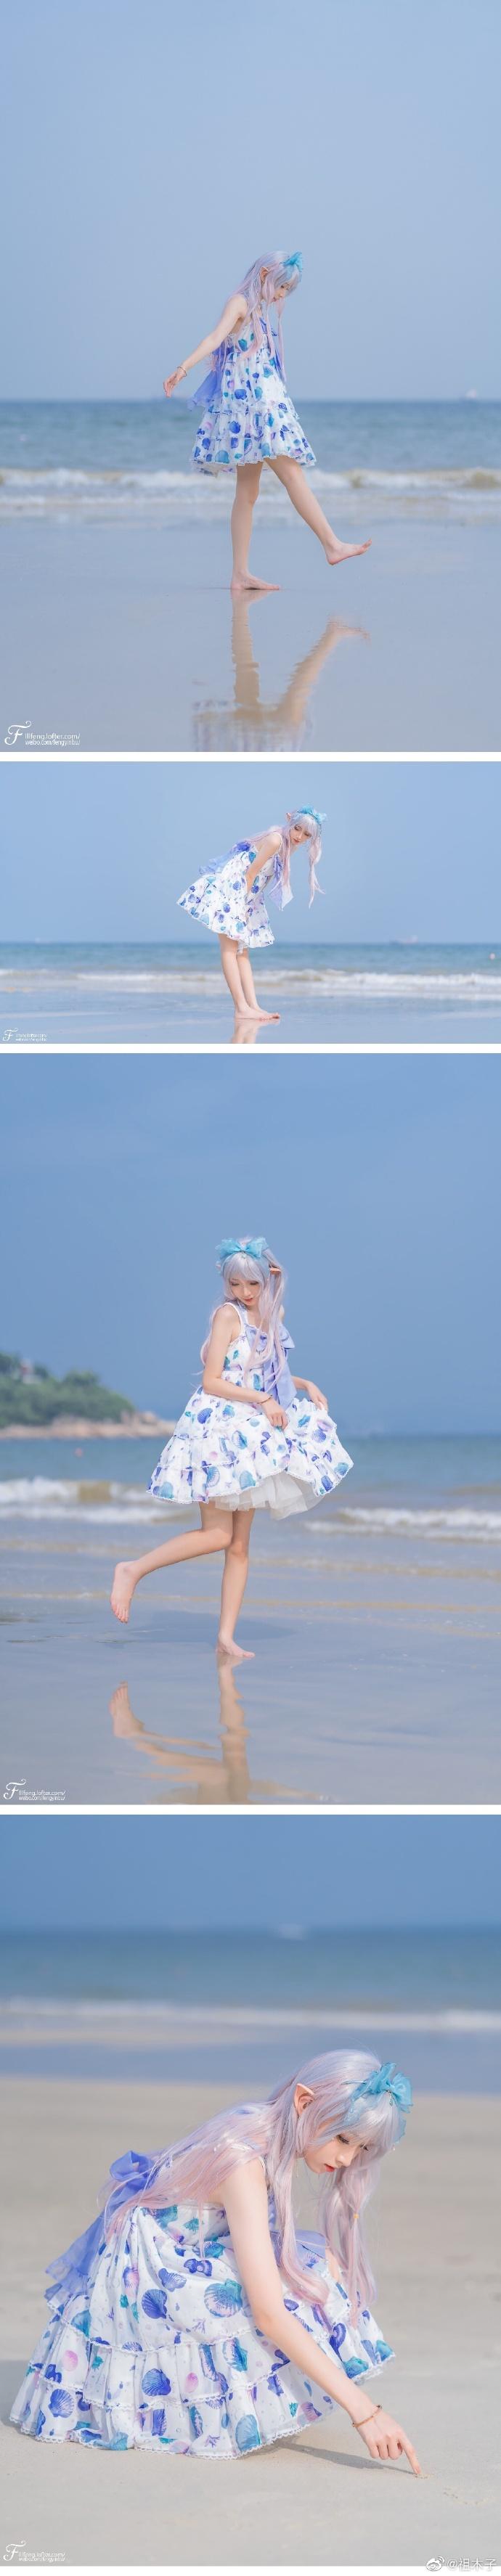 妹子圖@祖木子 哪兒來的小妖精趕緊收走 妹子圖 熱圖4